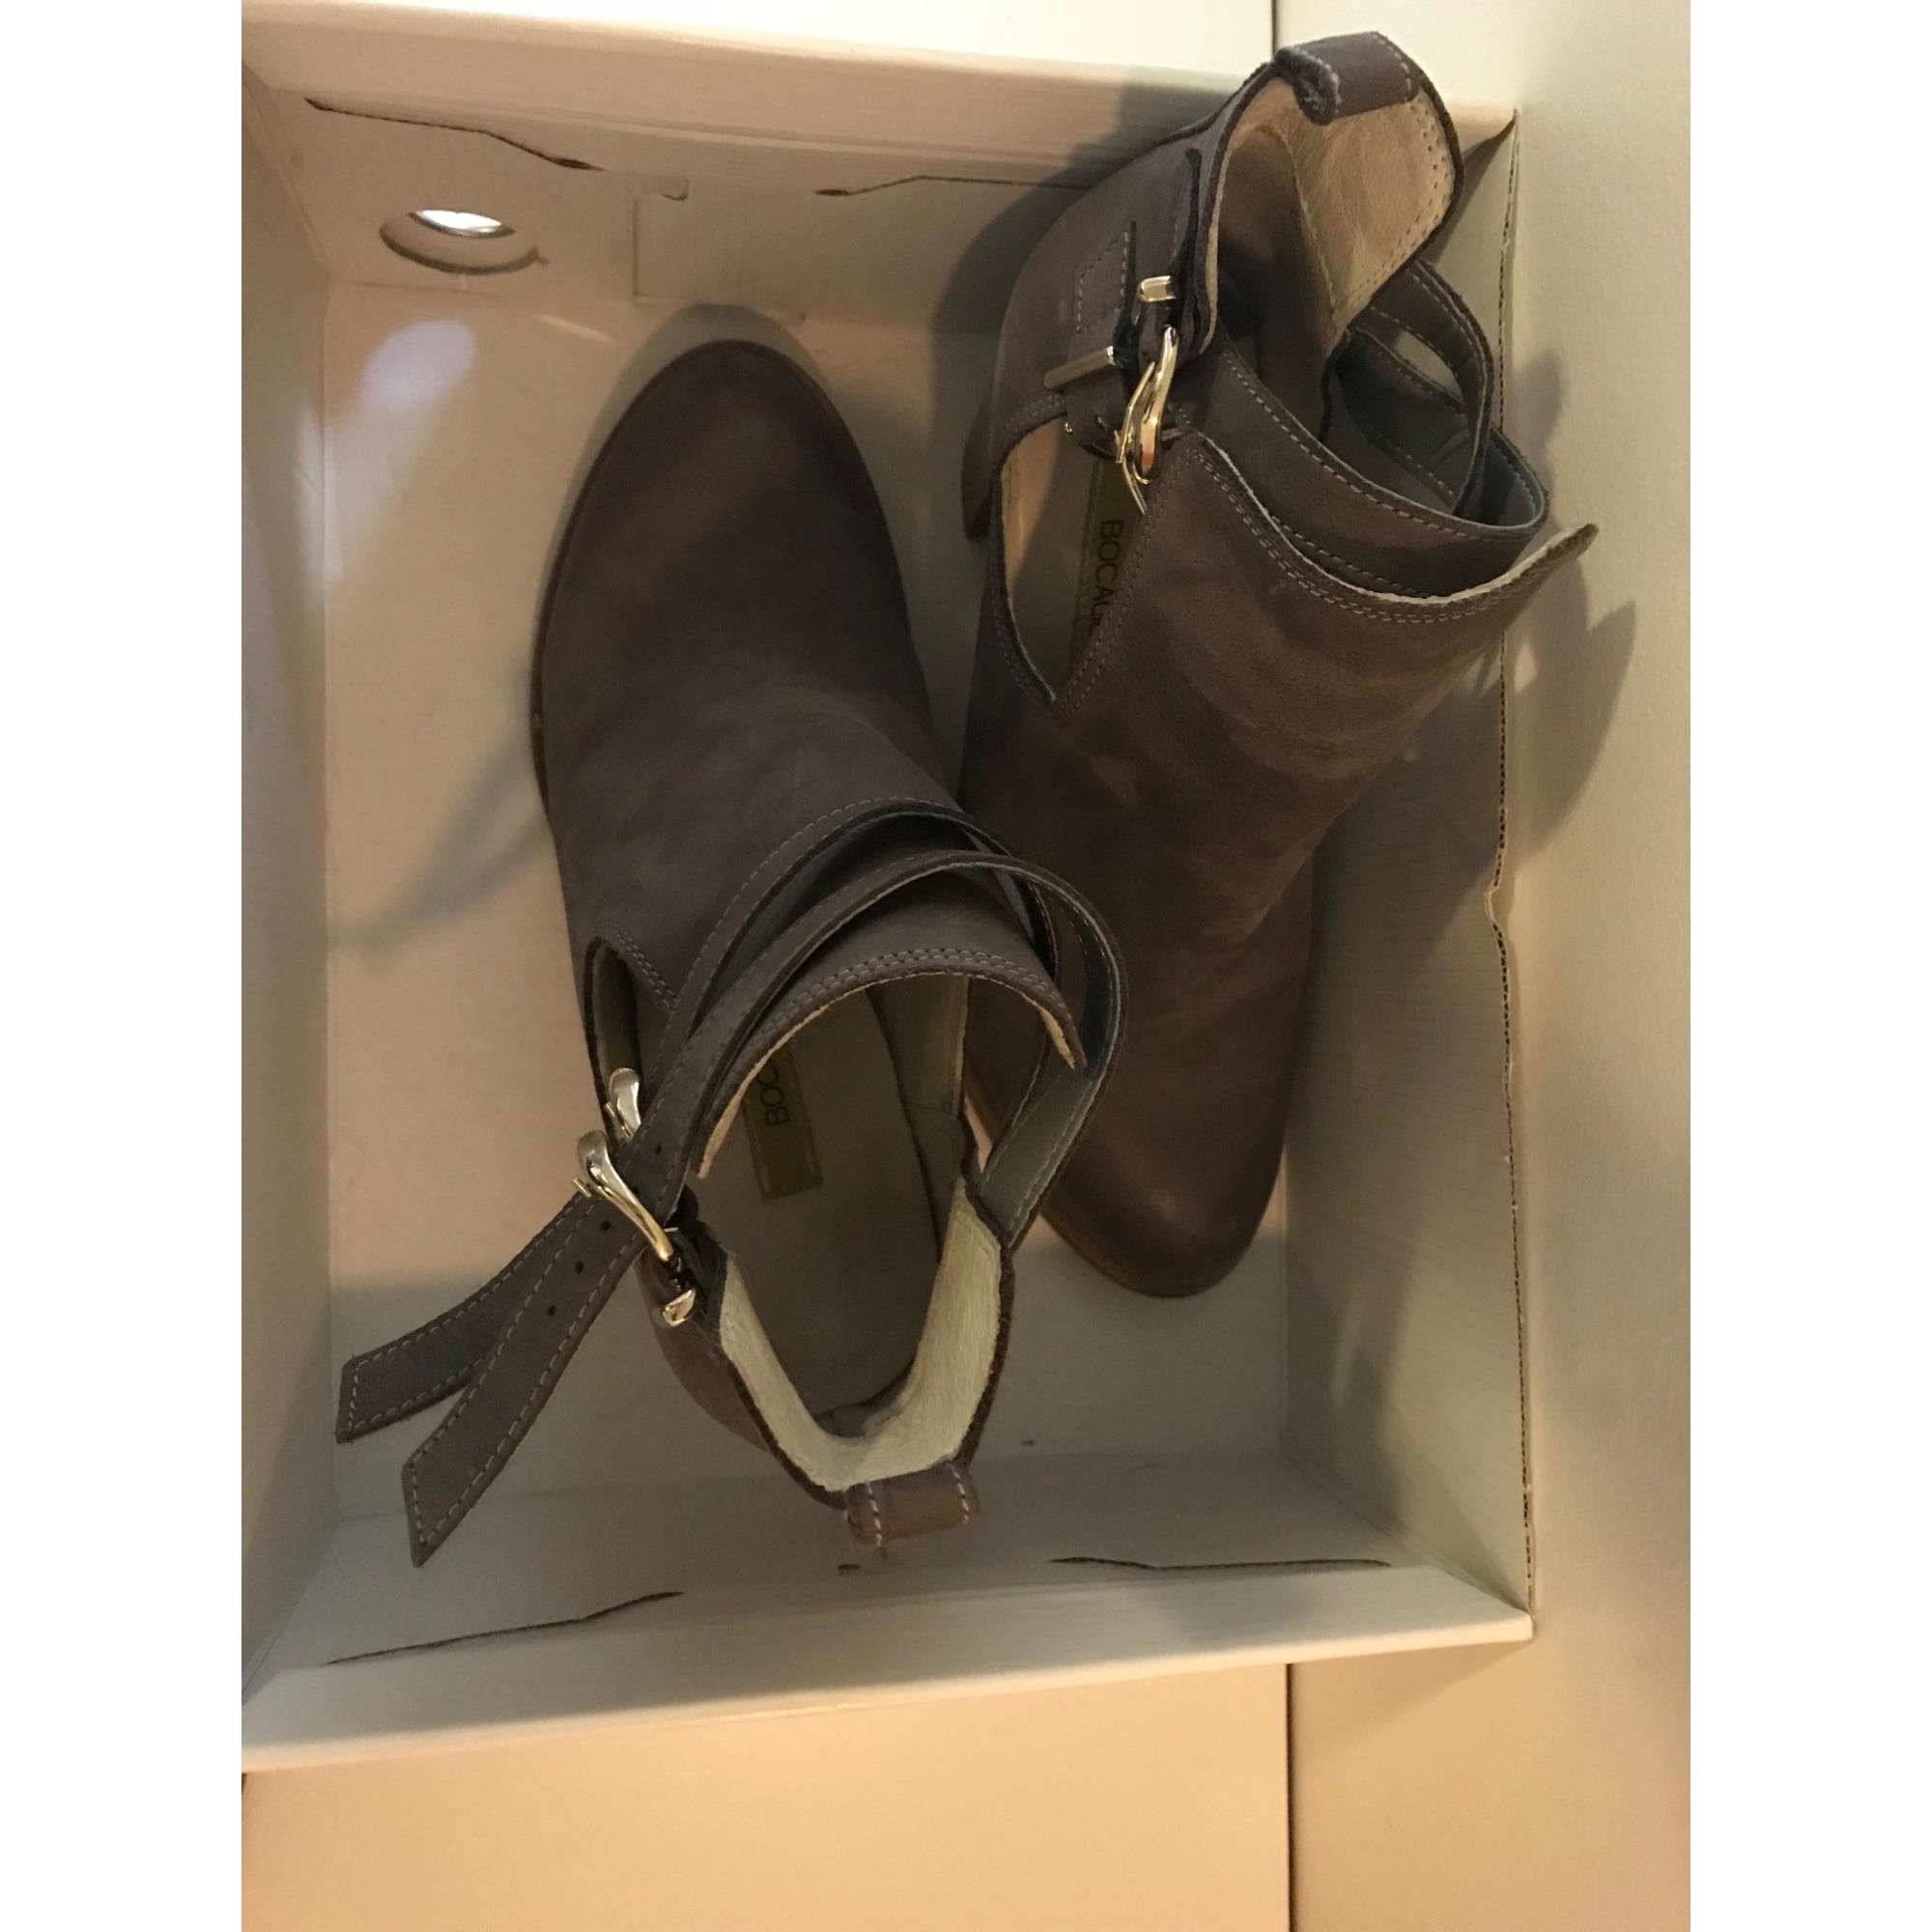 Bottines & low boots à talons BOCAGE Gris, anthracite